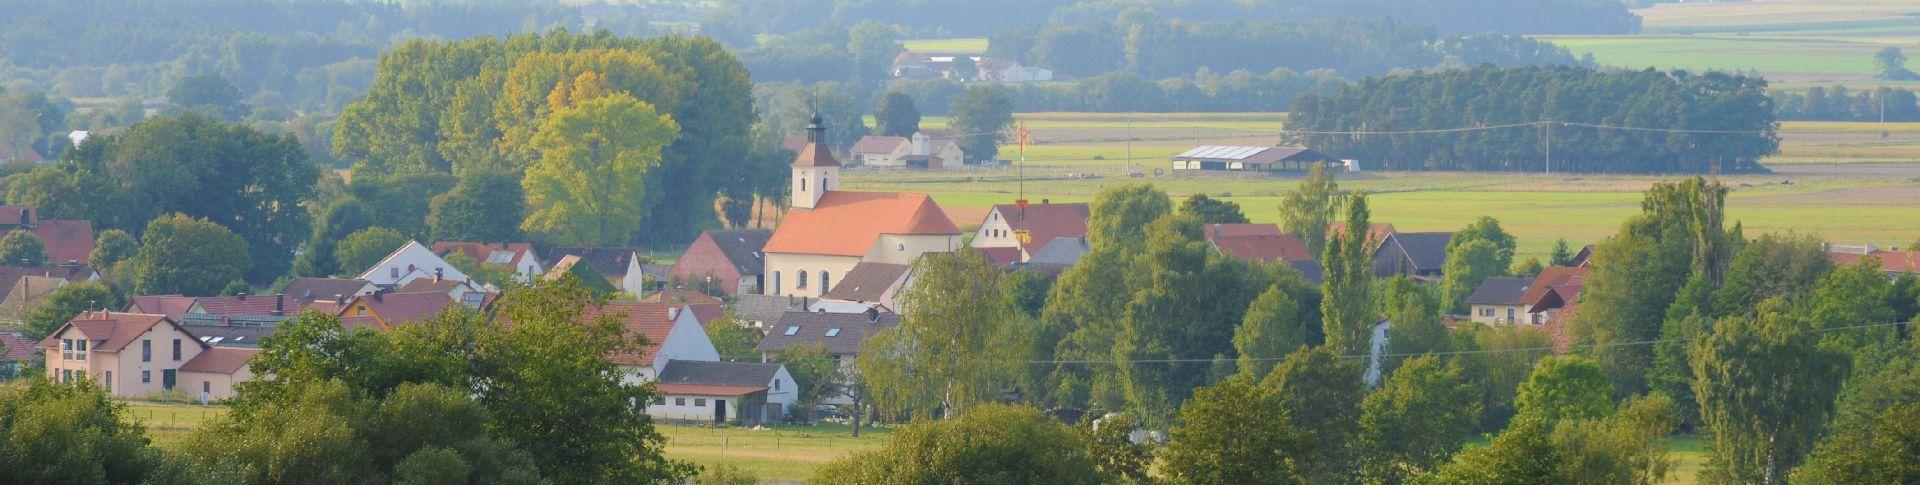 Burggriesbacher Runde - tolle Wanderwege im Gemeindegebiet Freystadt.